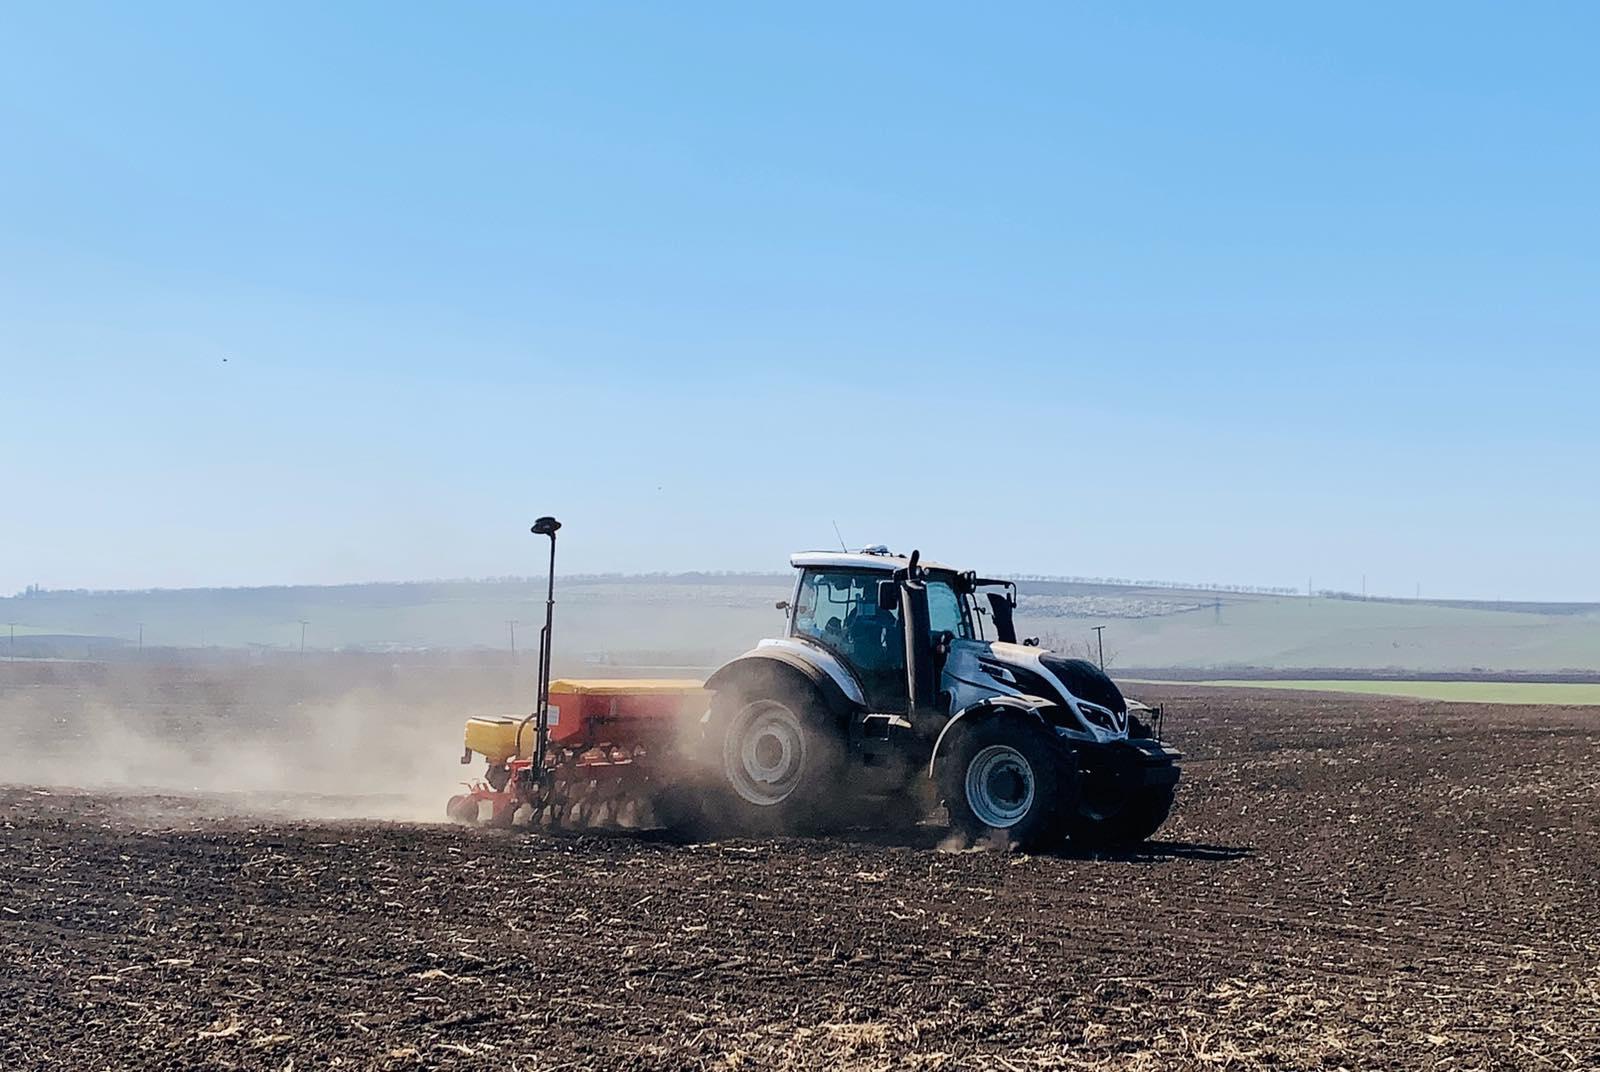 Peste trei mii de fermieri vor motorină de la români. Când vor primi aceștia ajutorul